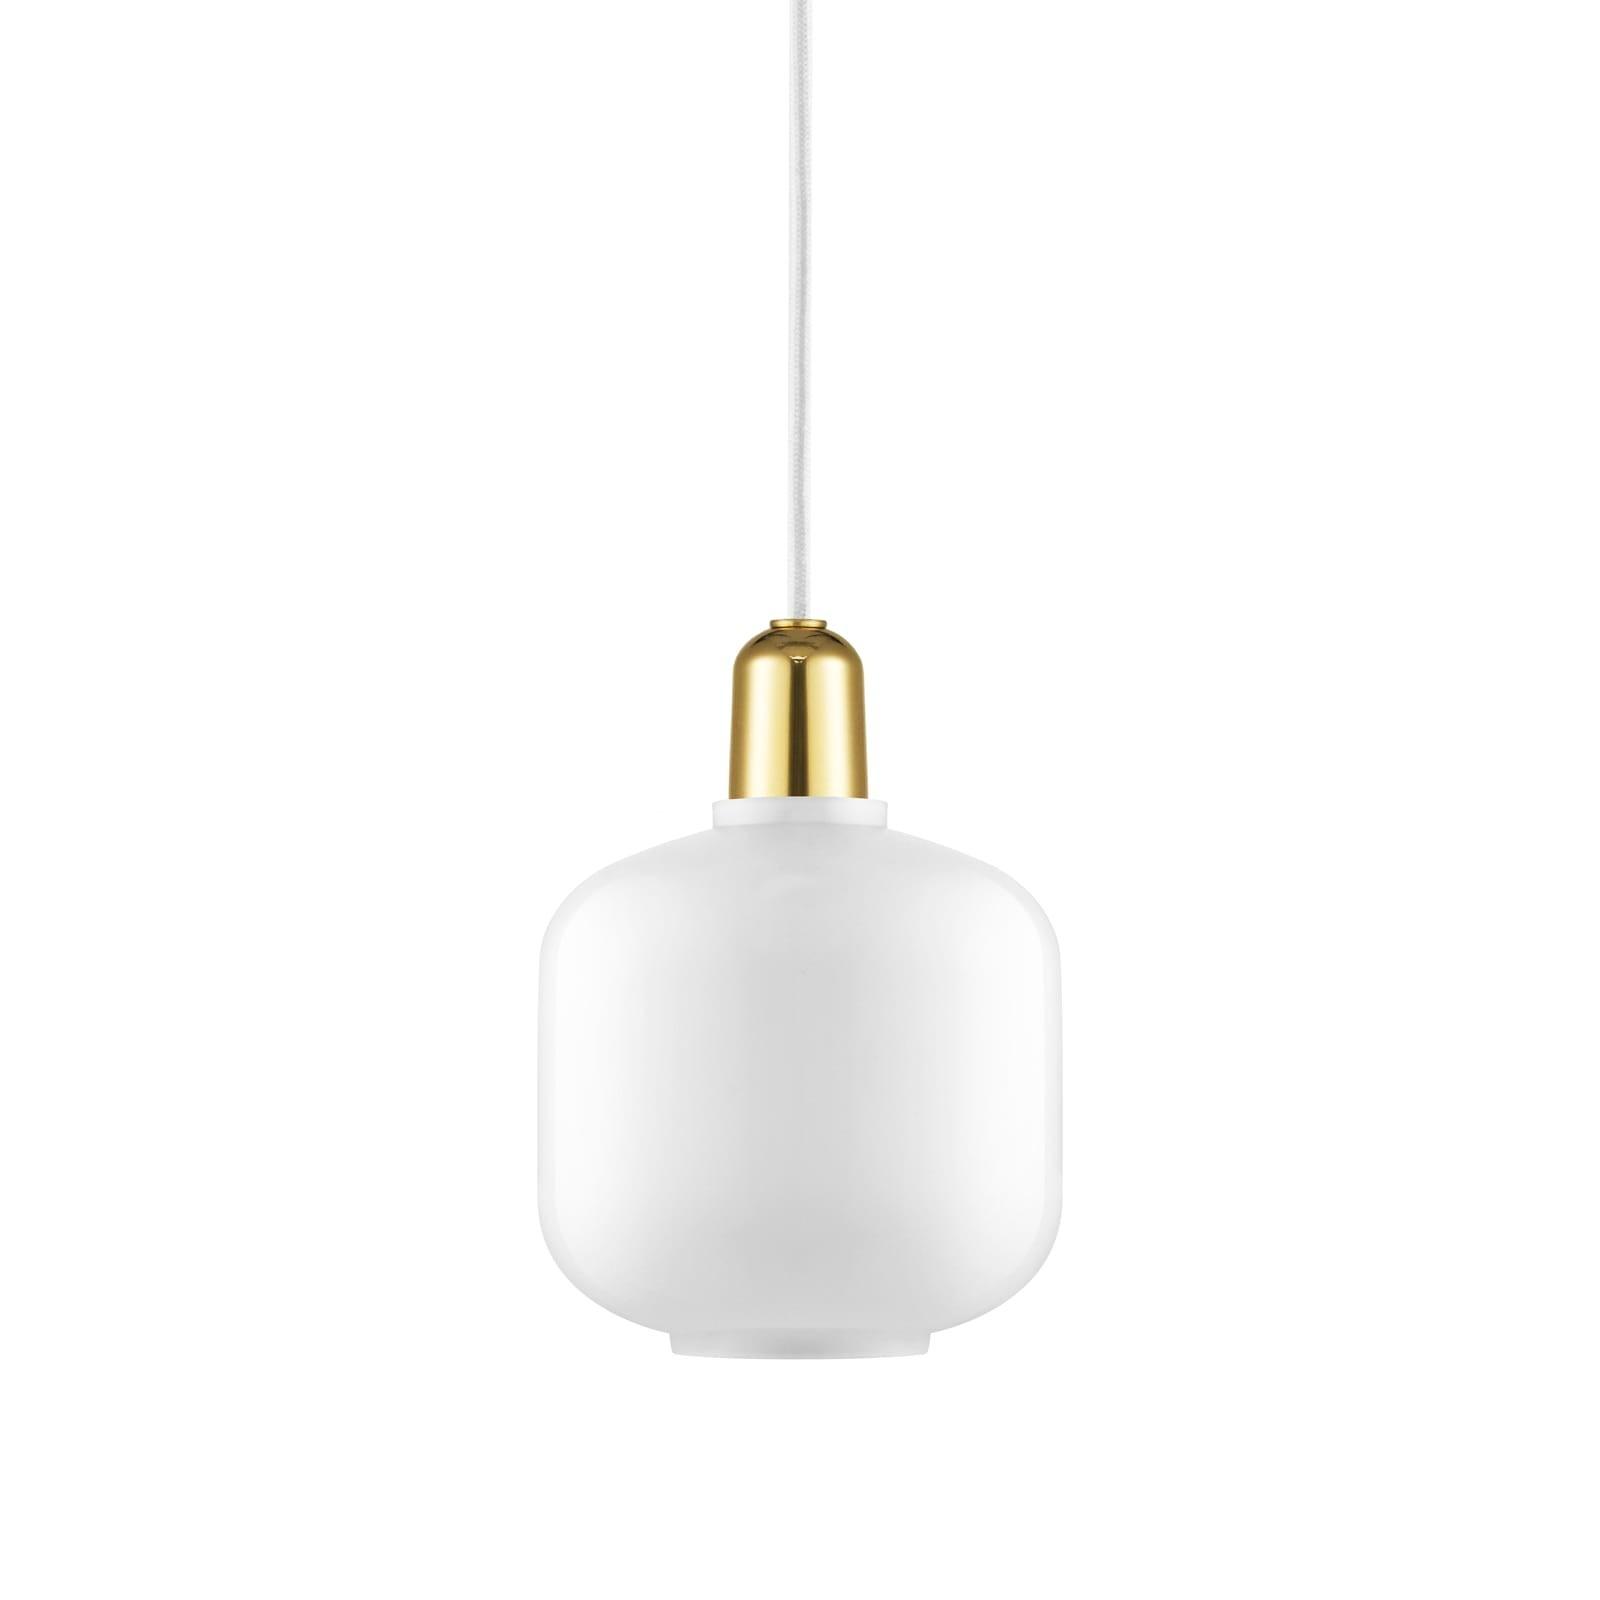 Amp Lamp Small (White / Brass) - Normann Copenhagen